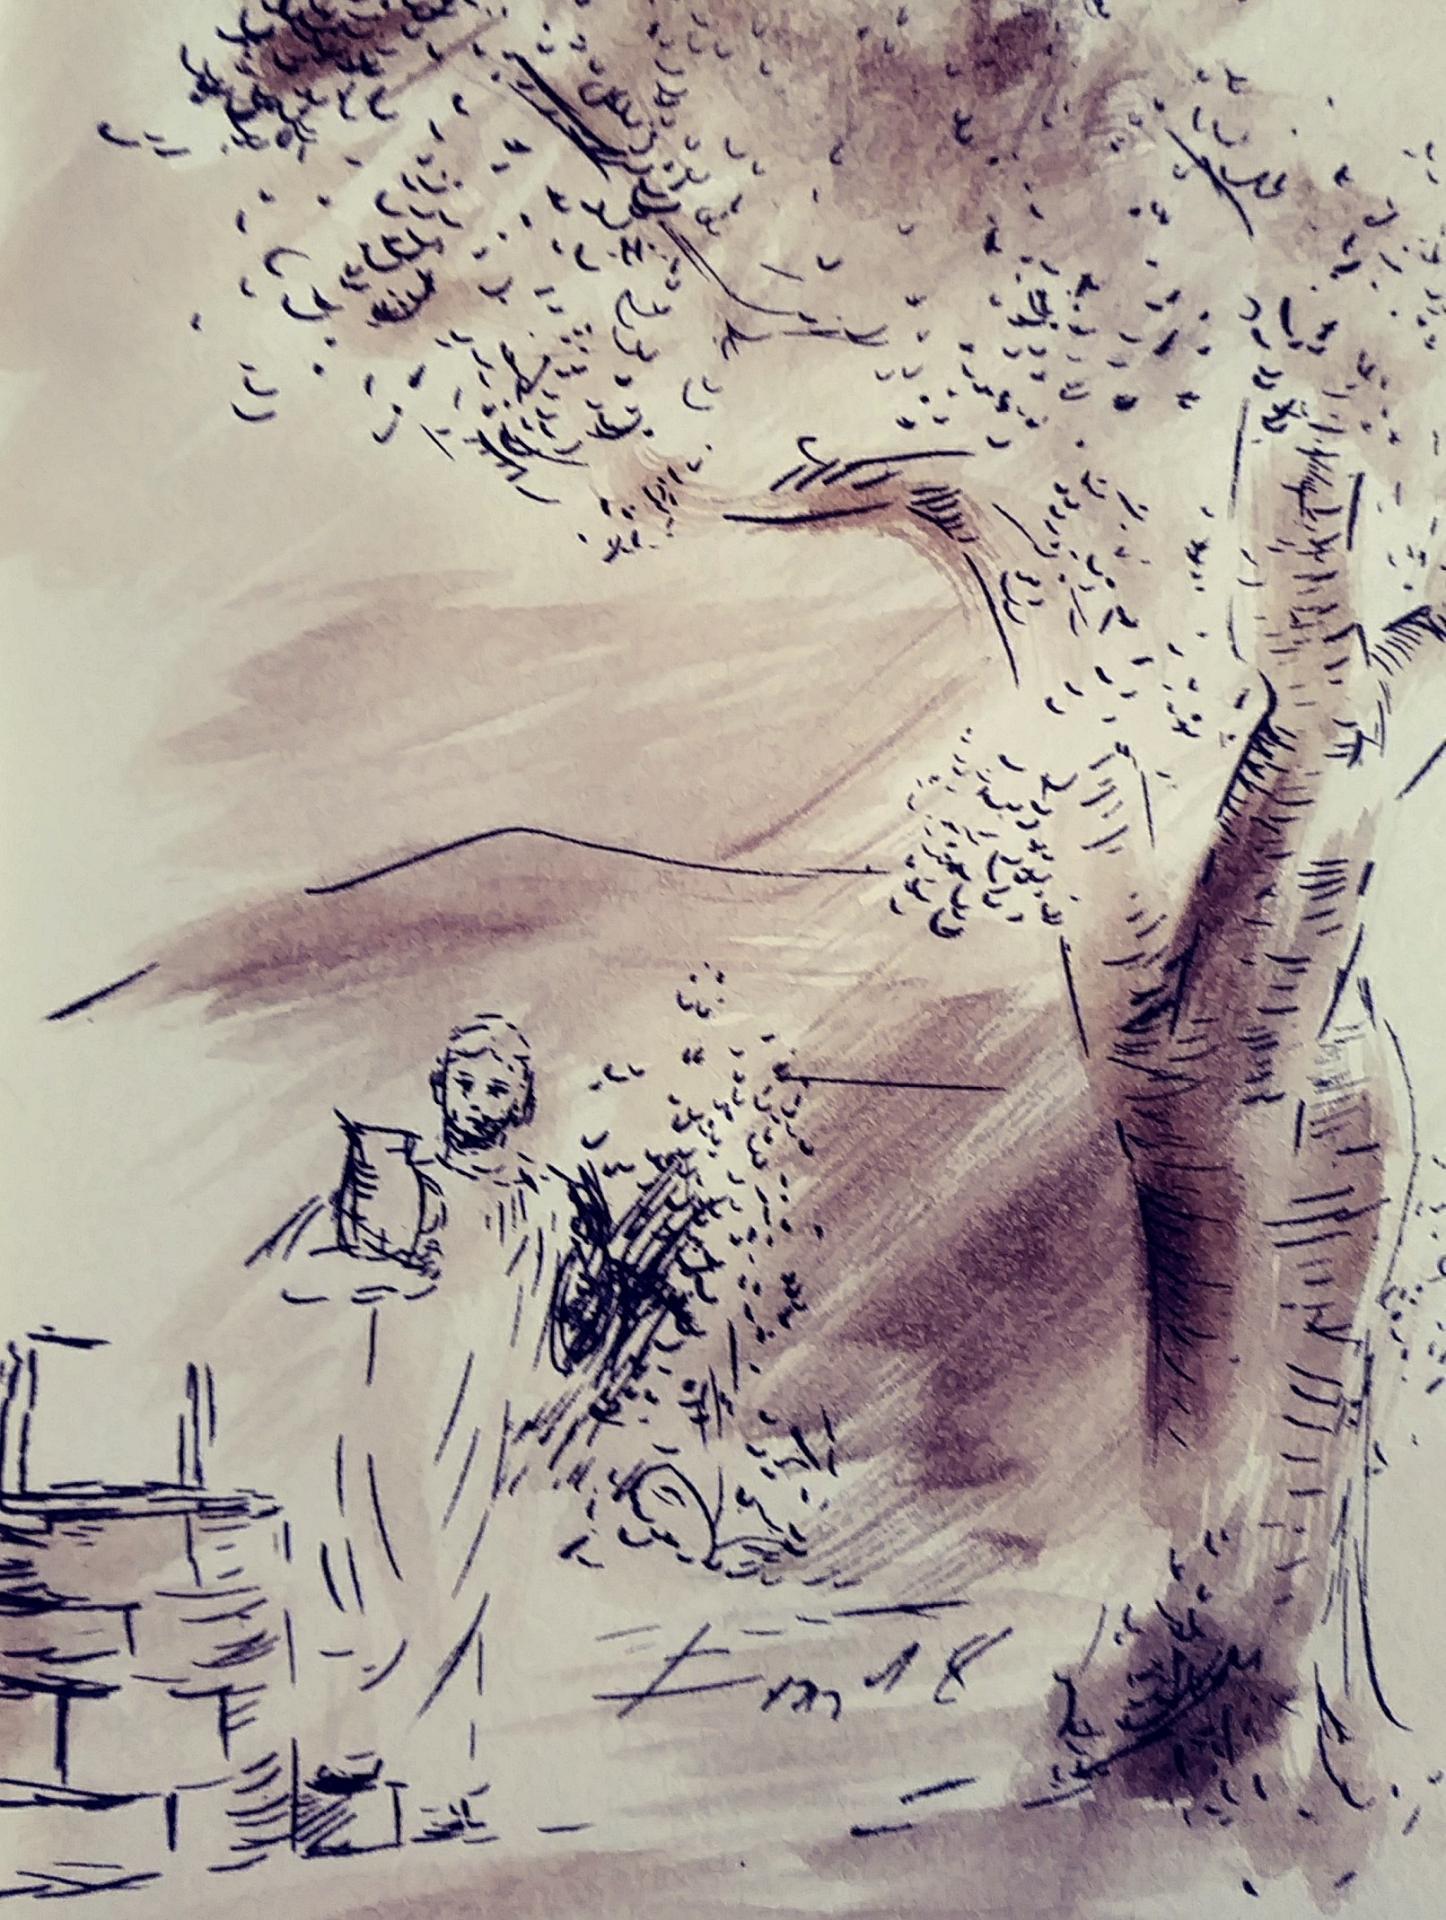 3 juin 2018 evangile du jour illustre par un dessin au lavis de jean joseph chevalier